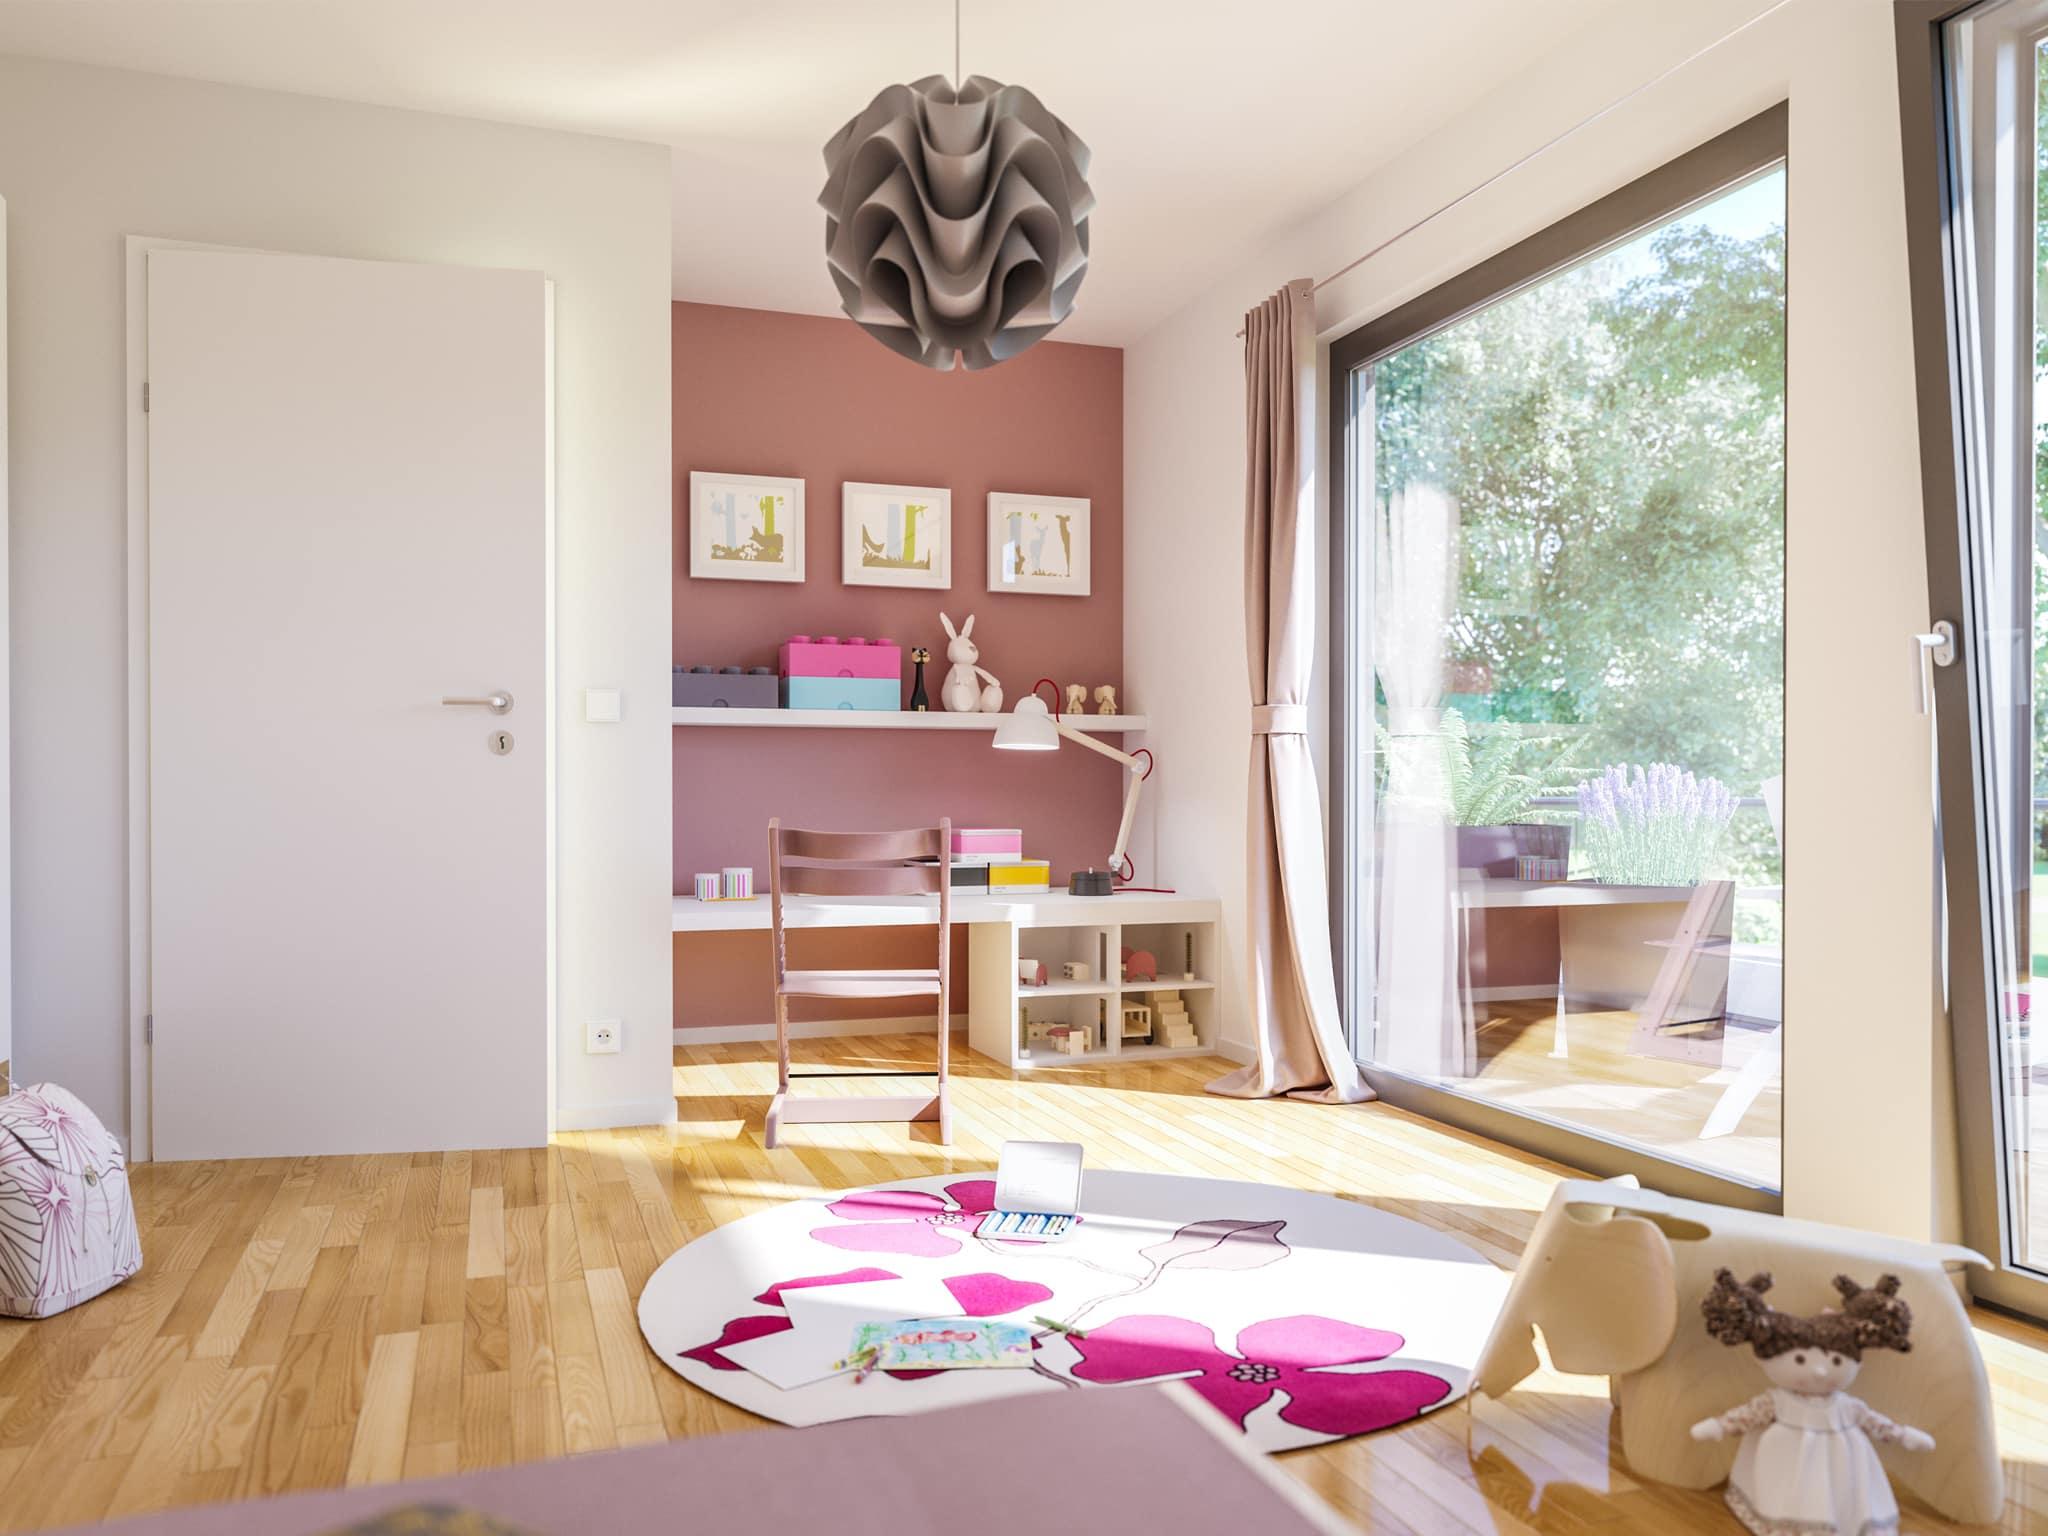 Kinderzimmer - Ideen Einrichtung innen Bien Zenker Haus FANTASTIC 163 V6 - HausbauDirekt.de